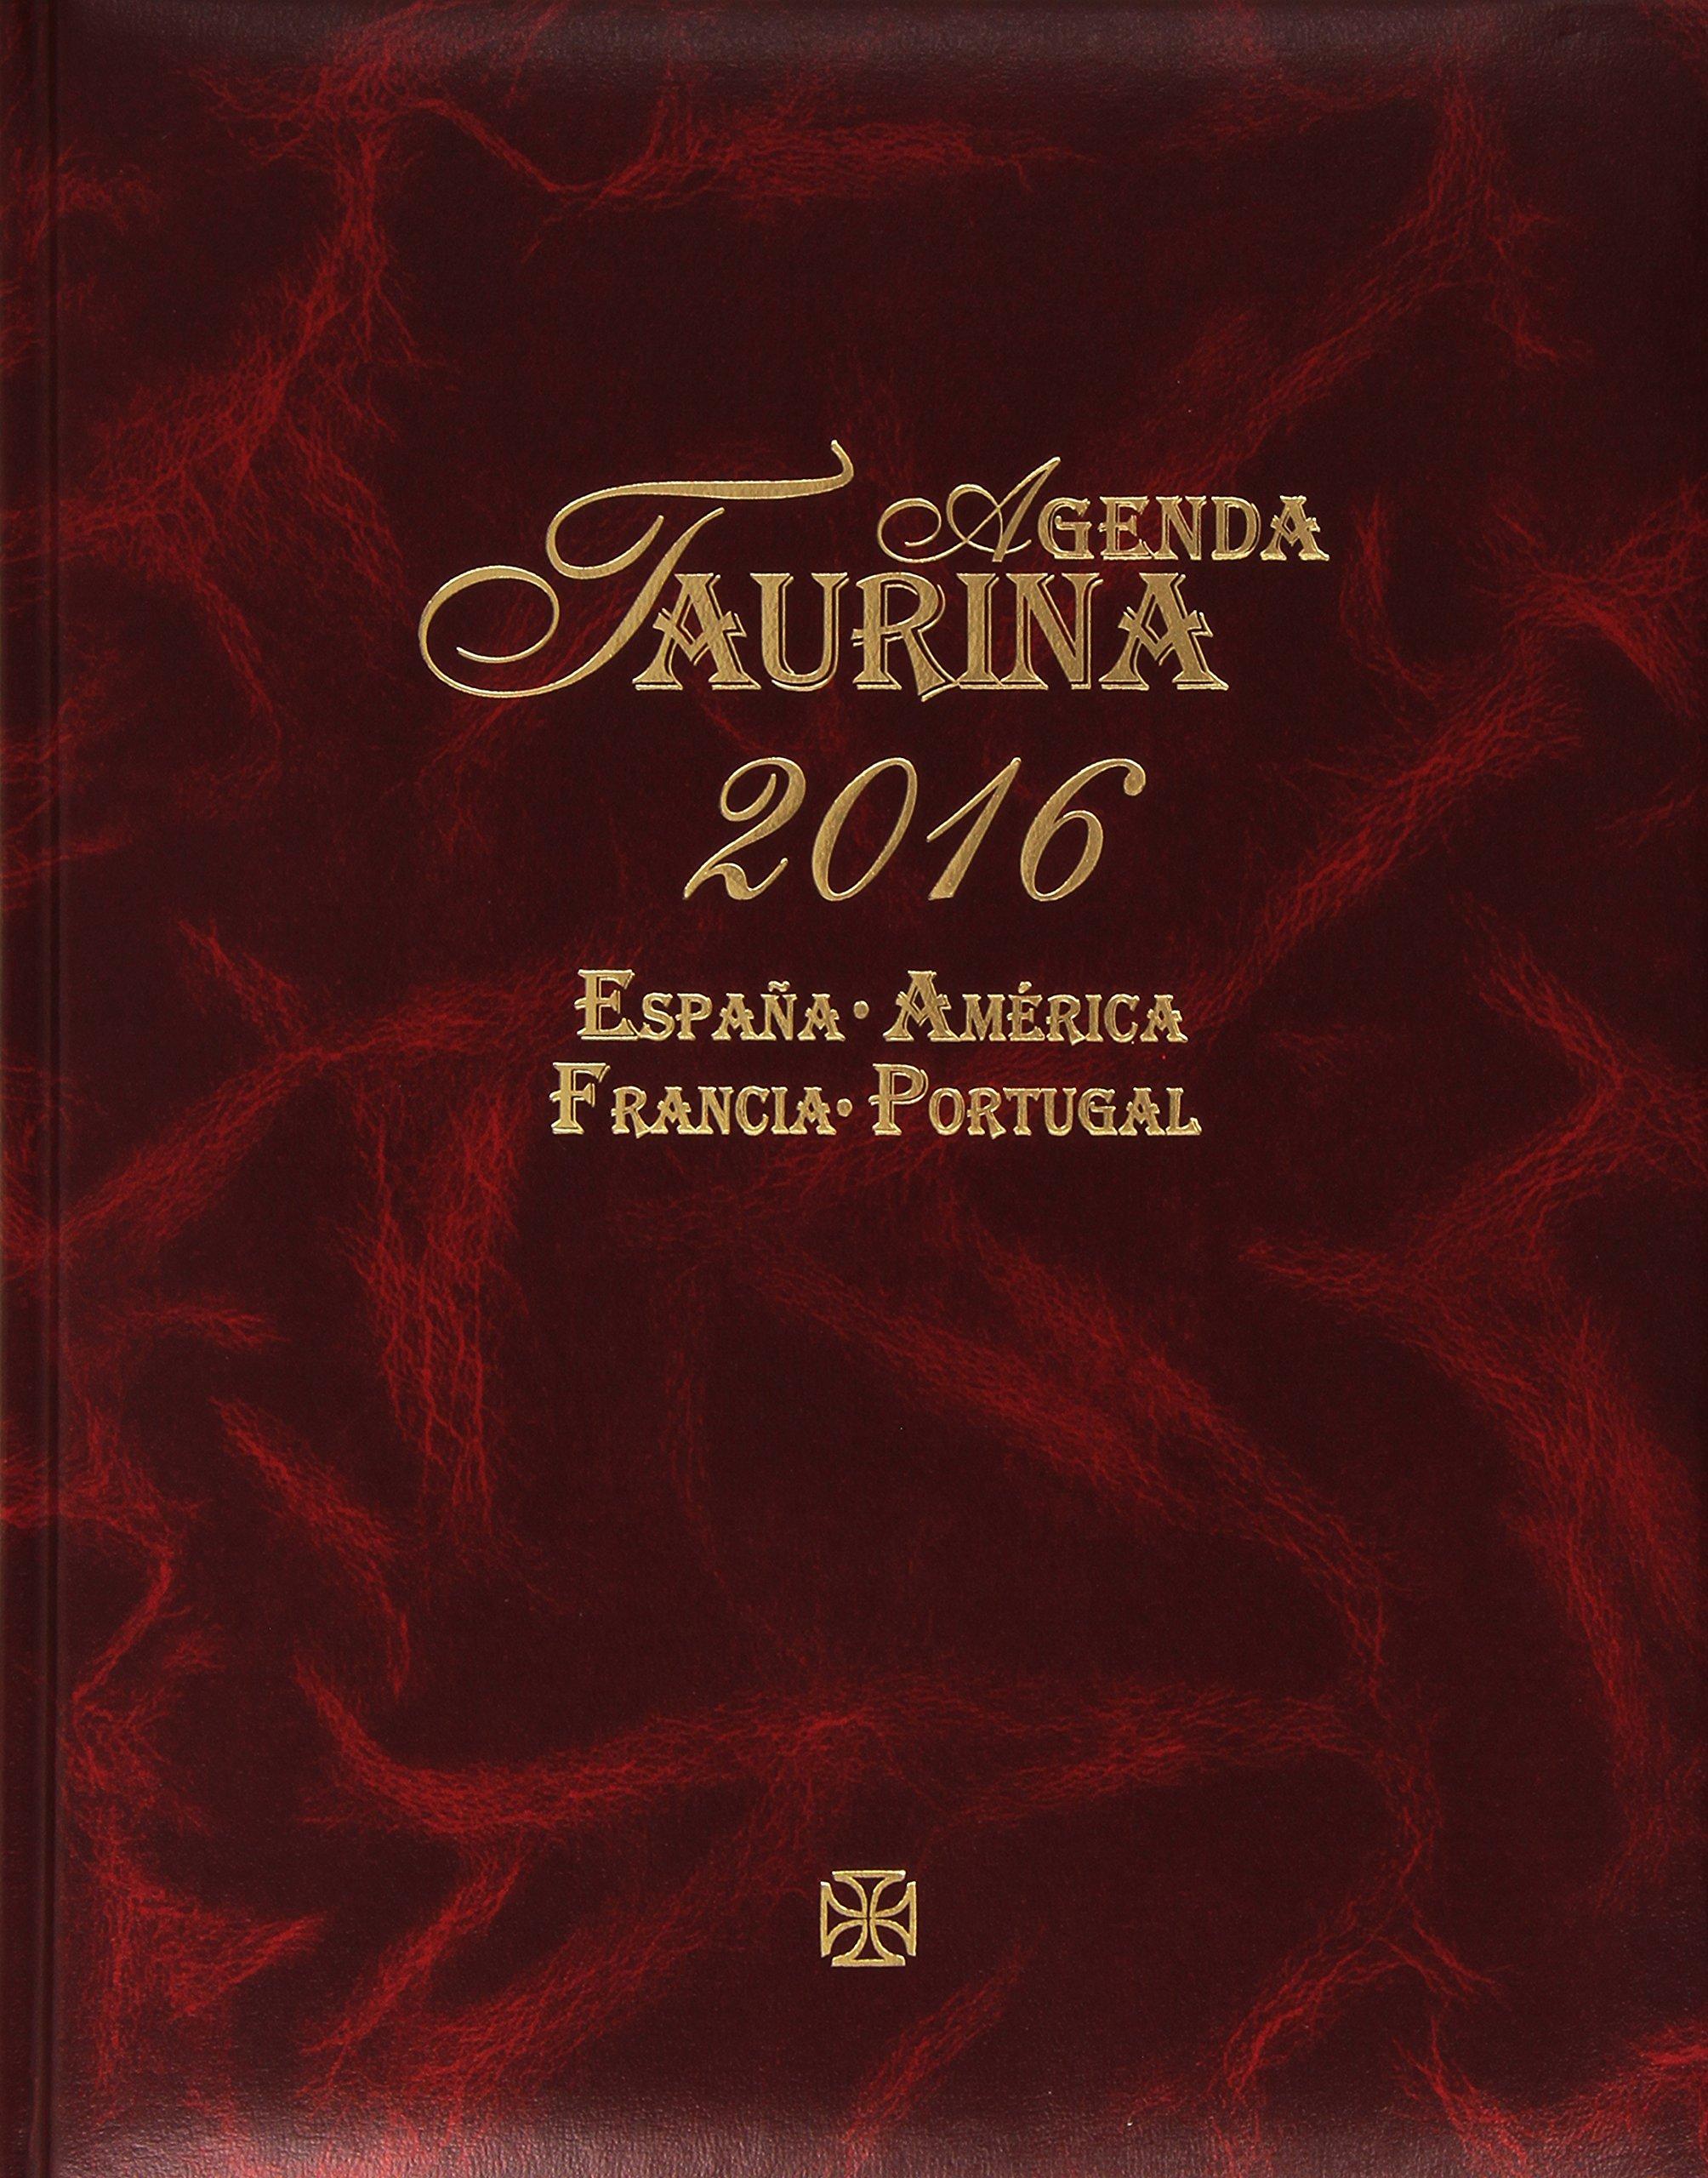 Agenda Taurina 2016. España-América-Francia-Portugal: Amazon.es: Aa.Vv.: Libros